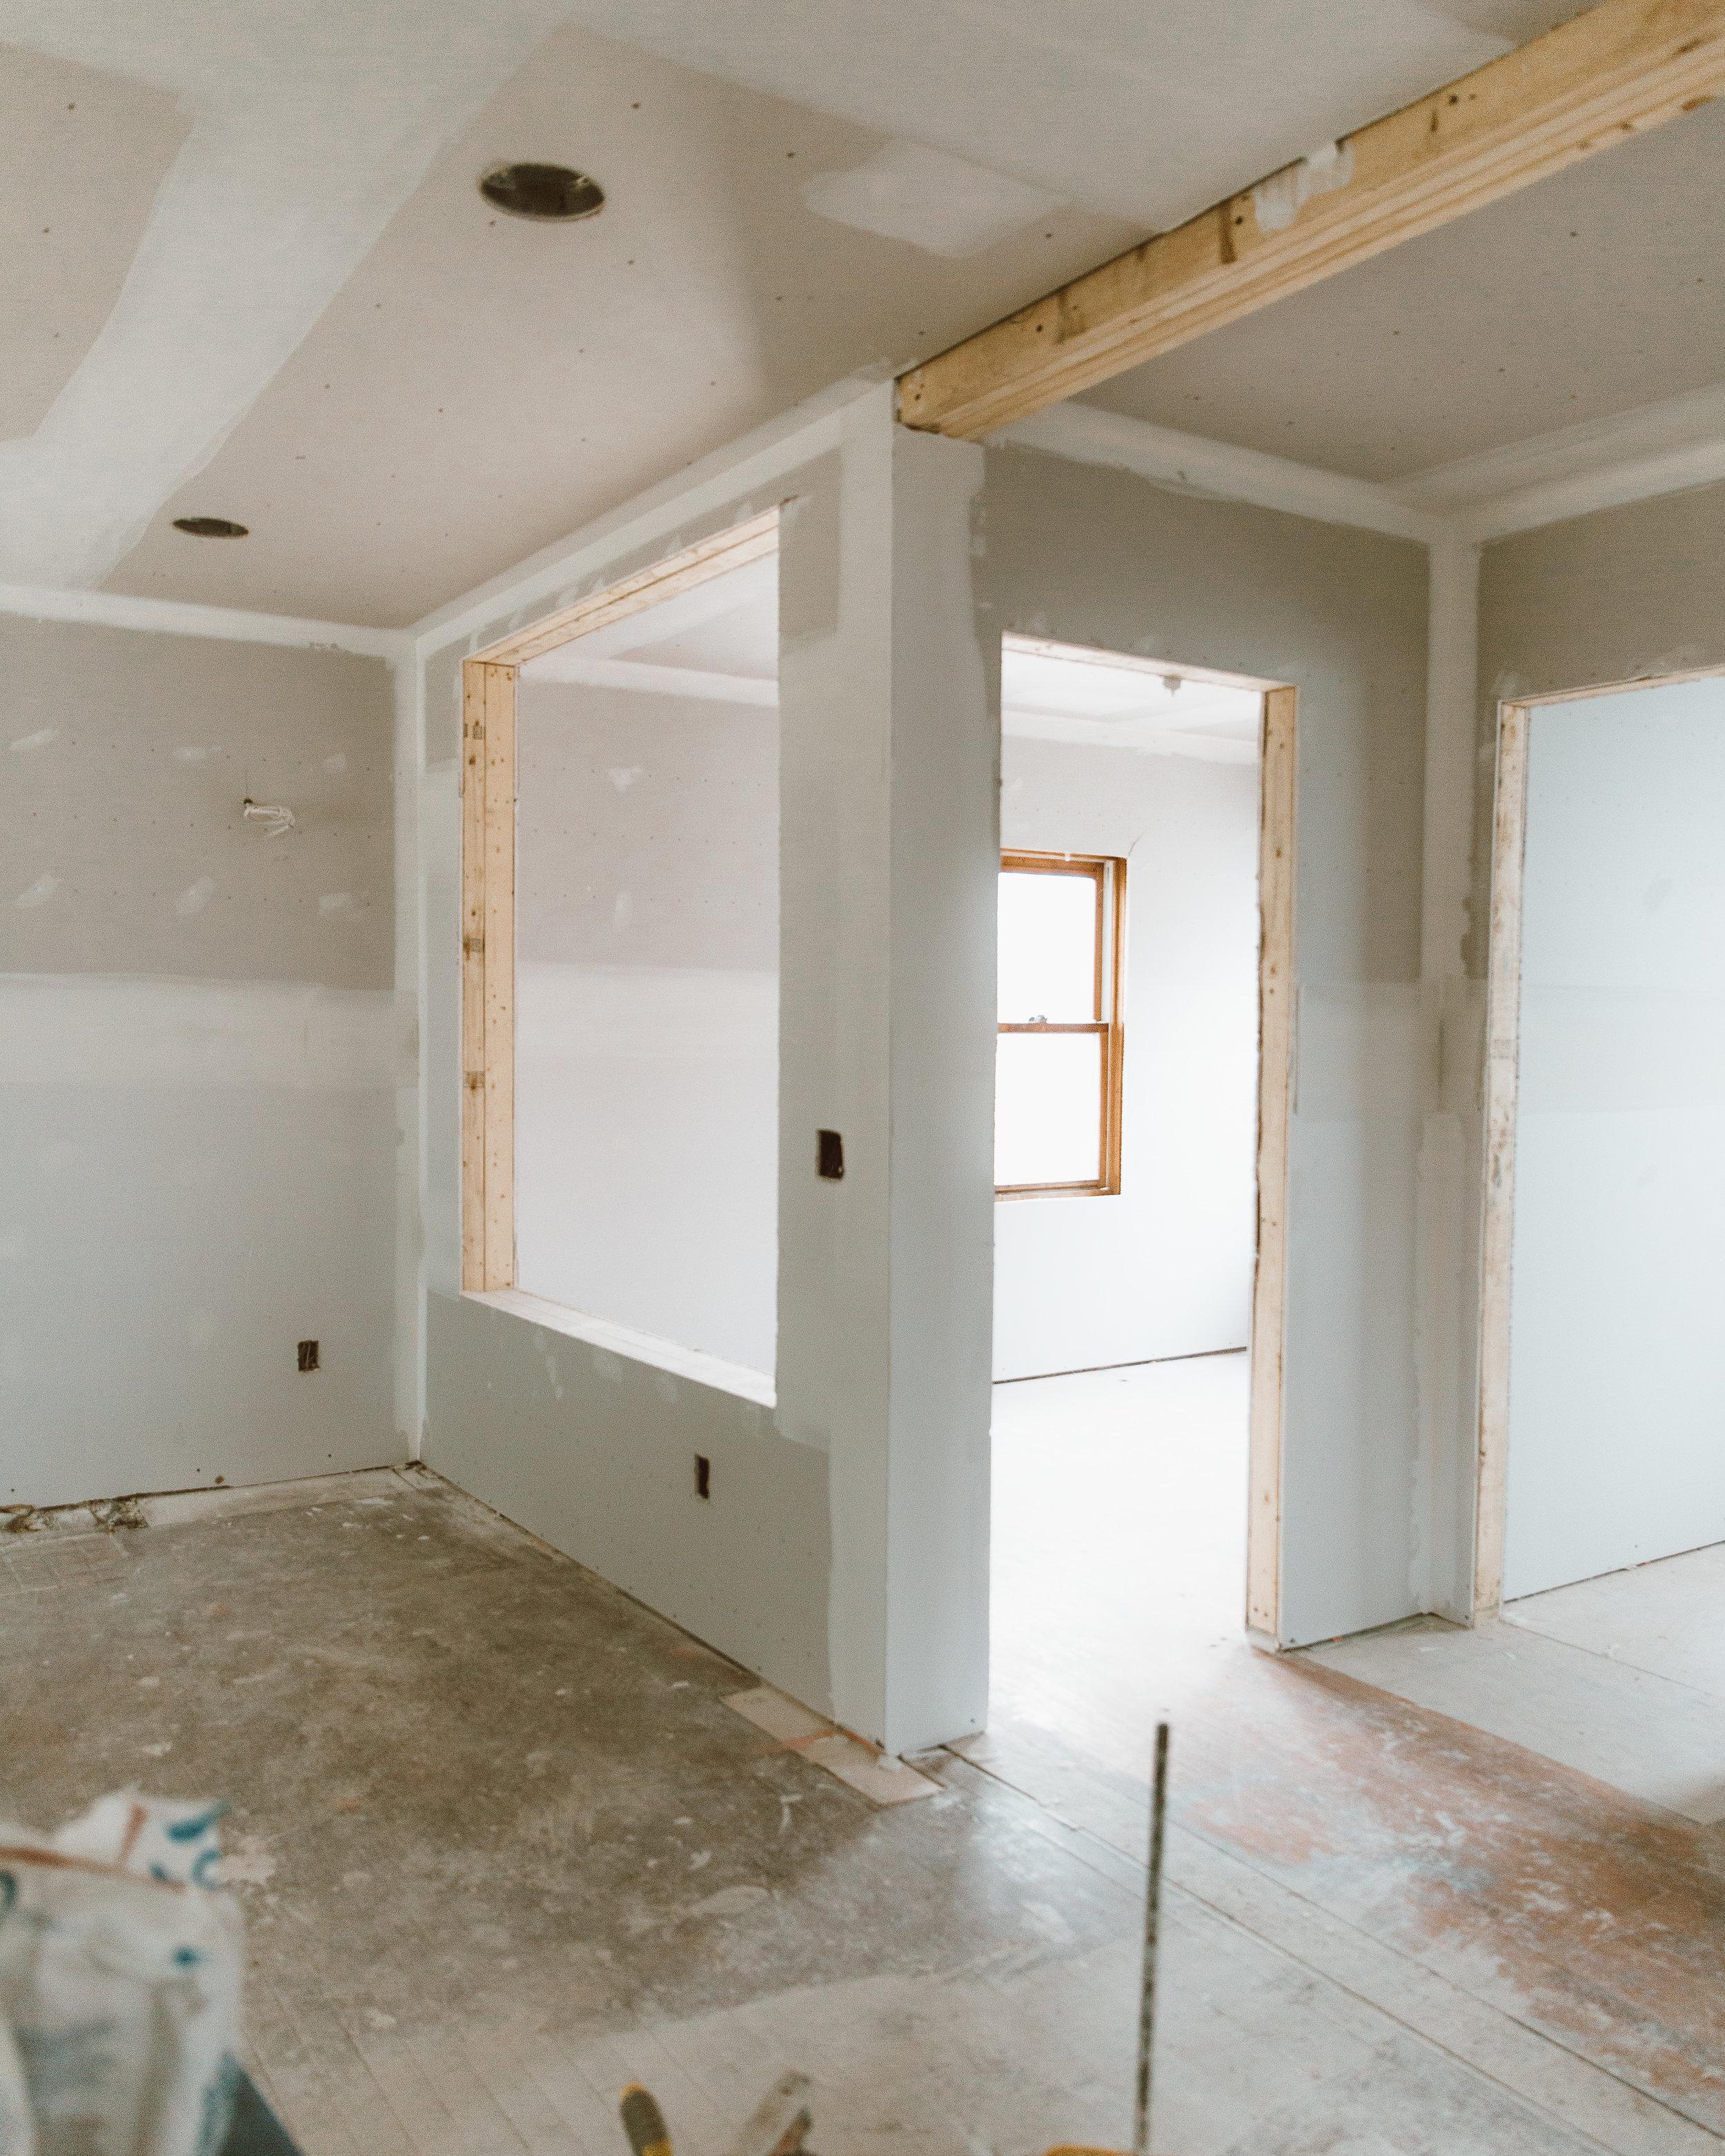 forthehome-renovation-drywall0005.jpeg